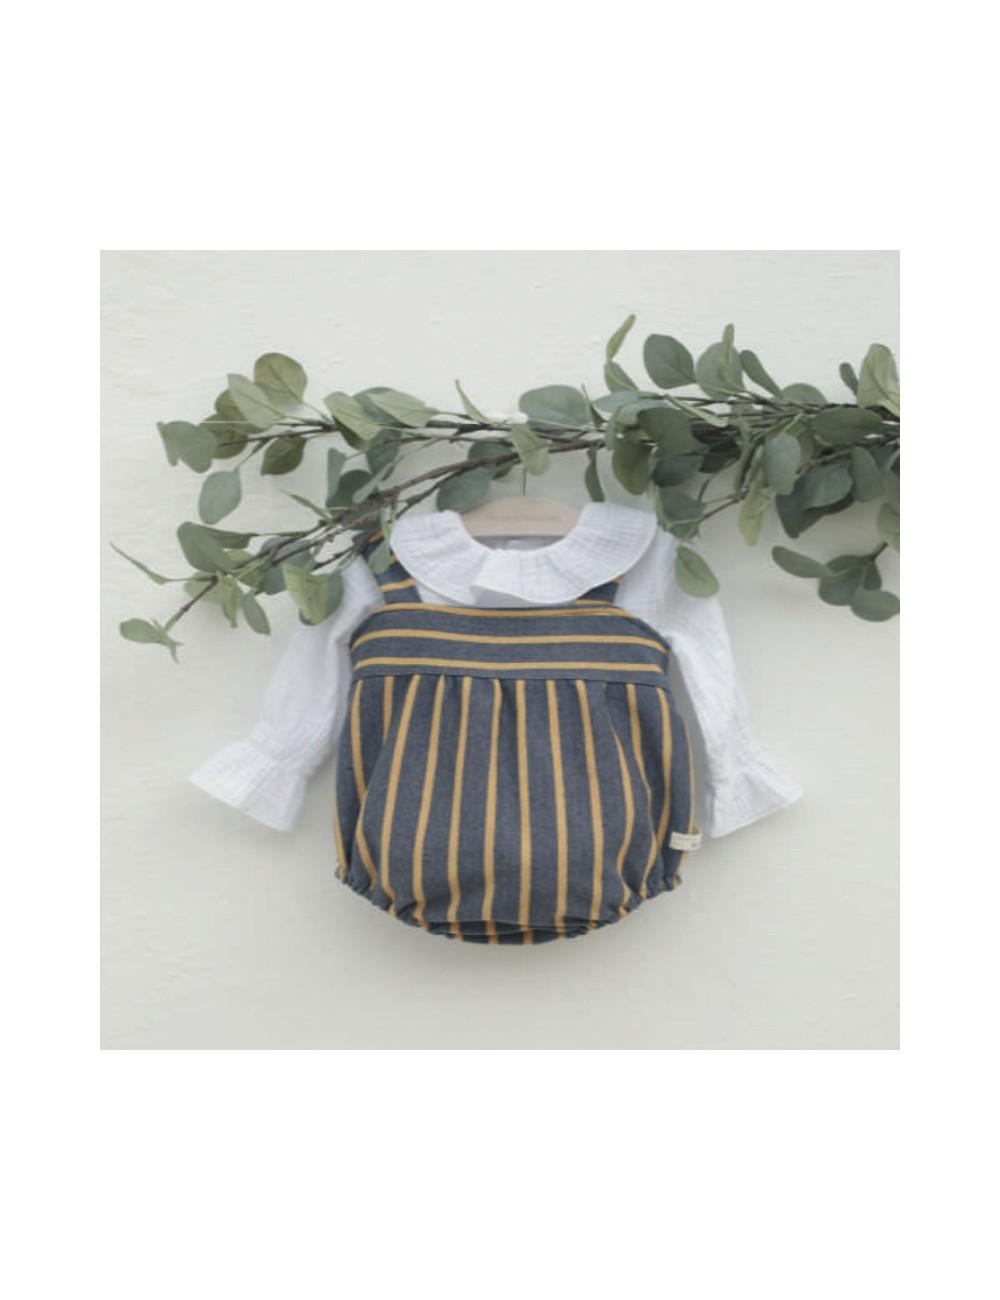 Ranita de punto de rayas azul y mostaza con blusa de bambula blanca incluida del a marca Pilar Batanero